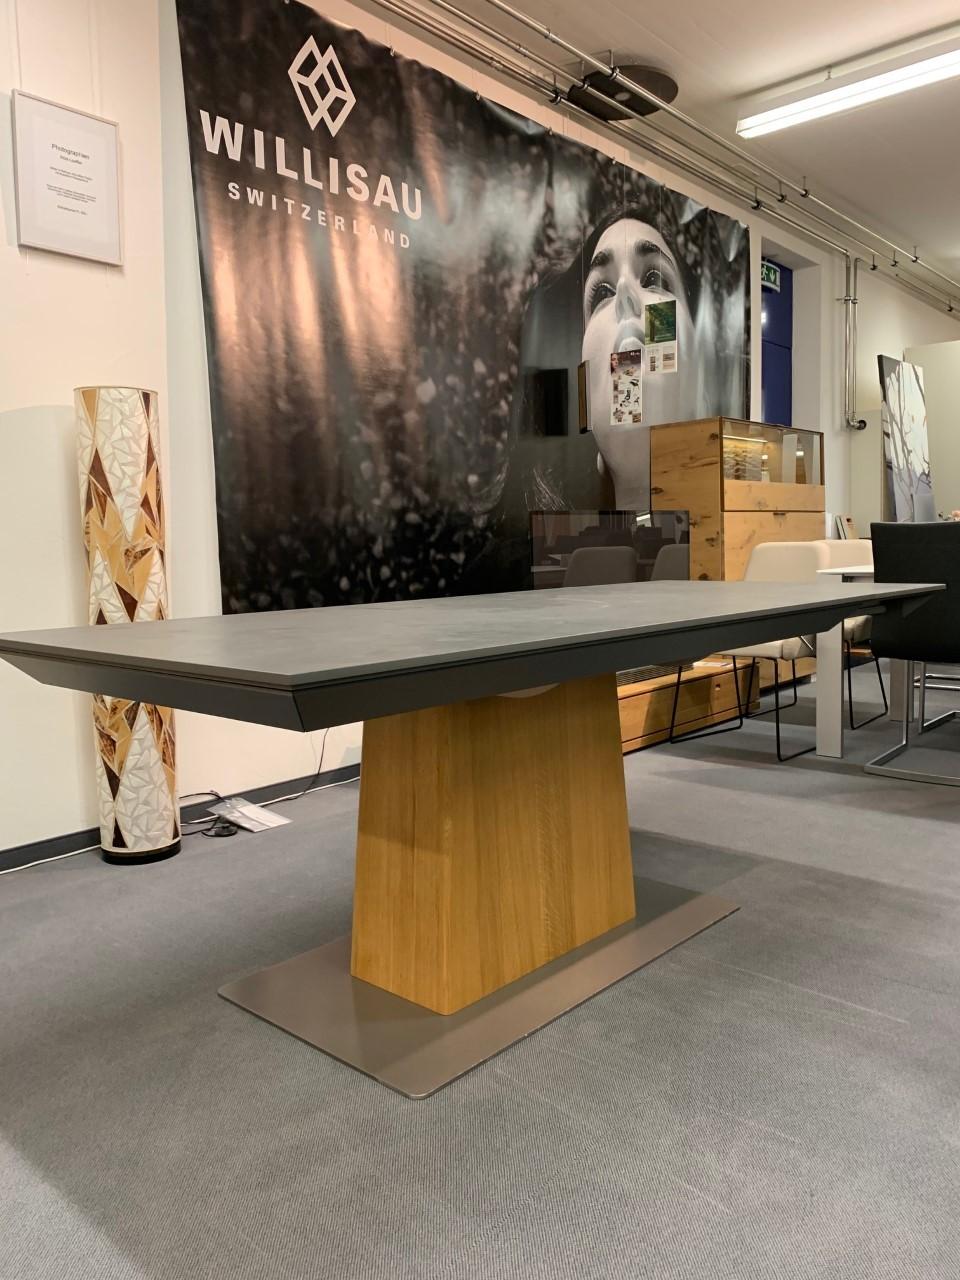 Tisch Modell Diegaro von Willisau 180 x 95 cm mit Verlängerung, Blatt in Stucco 09